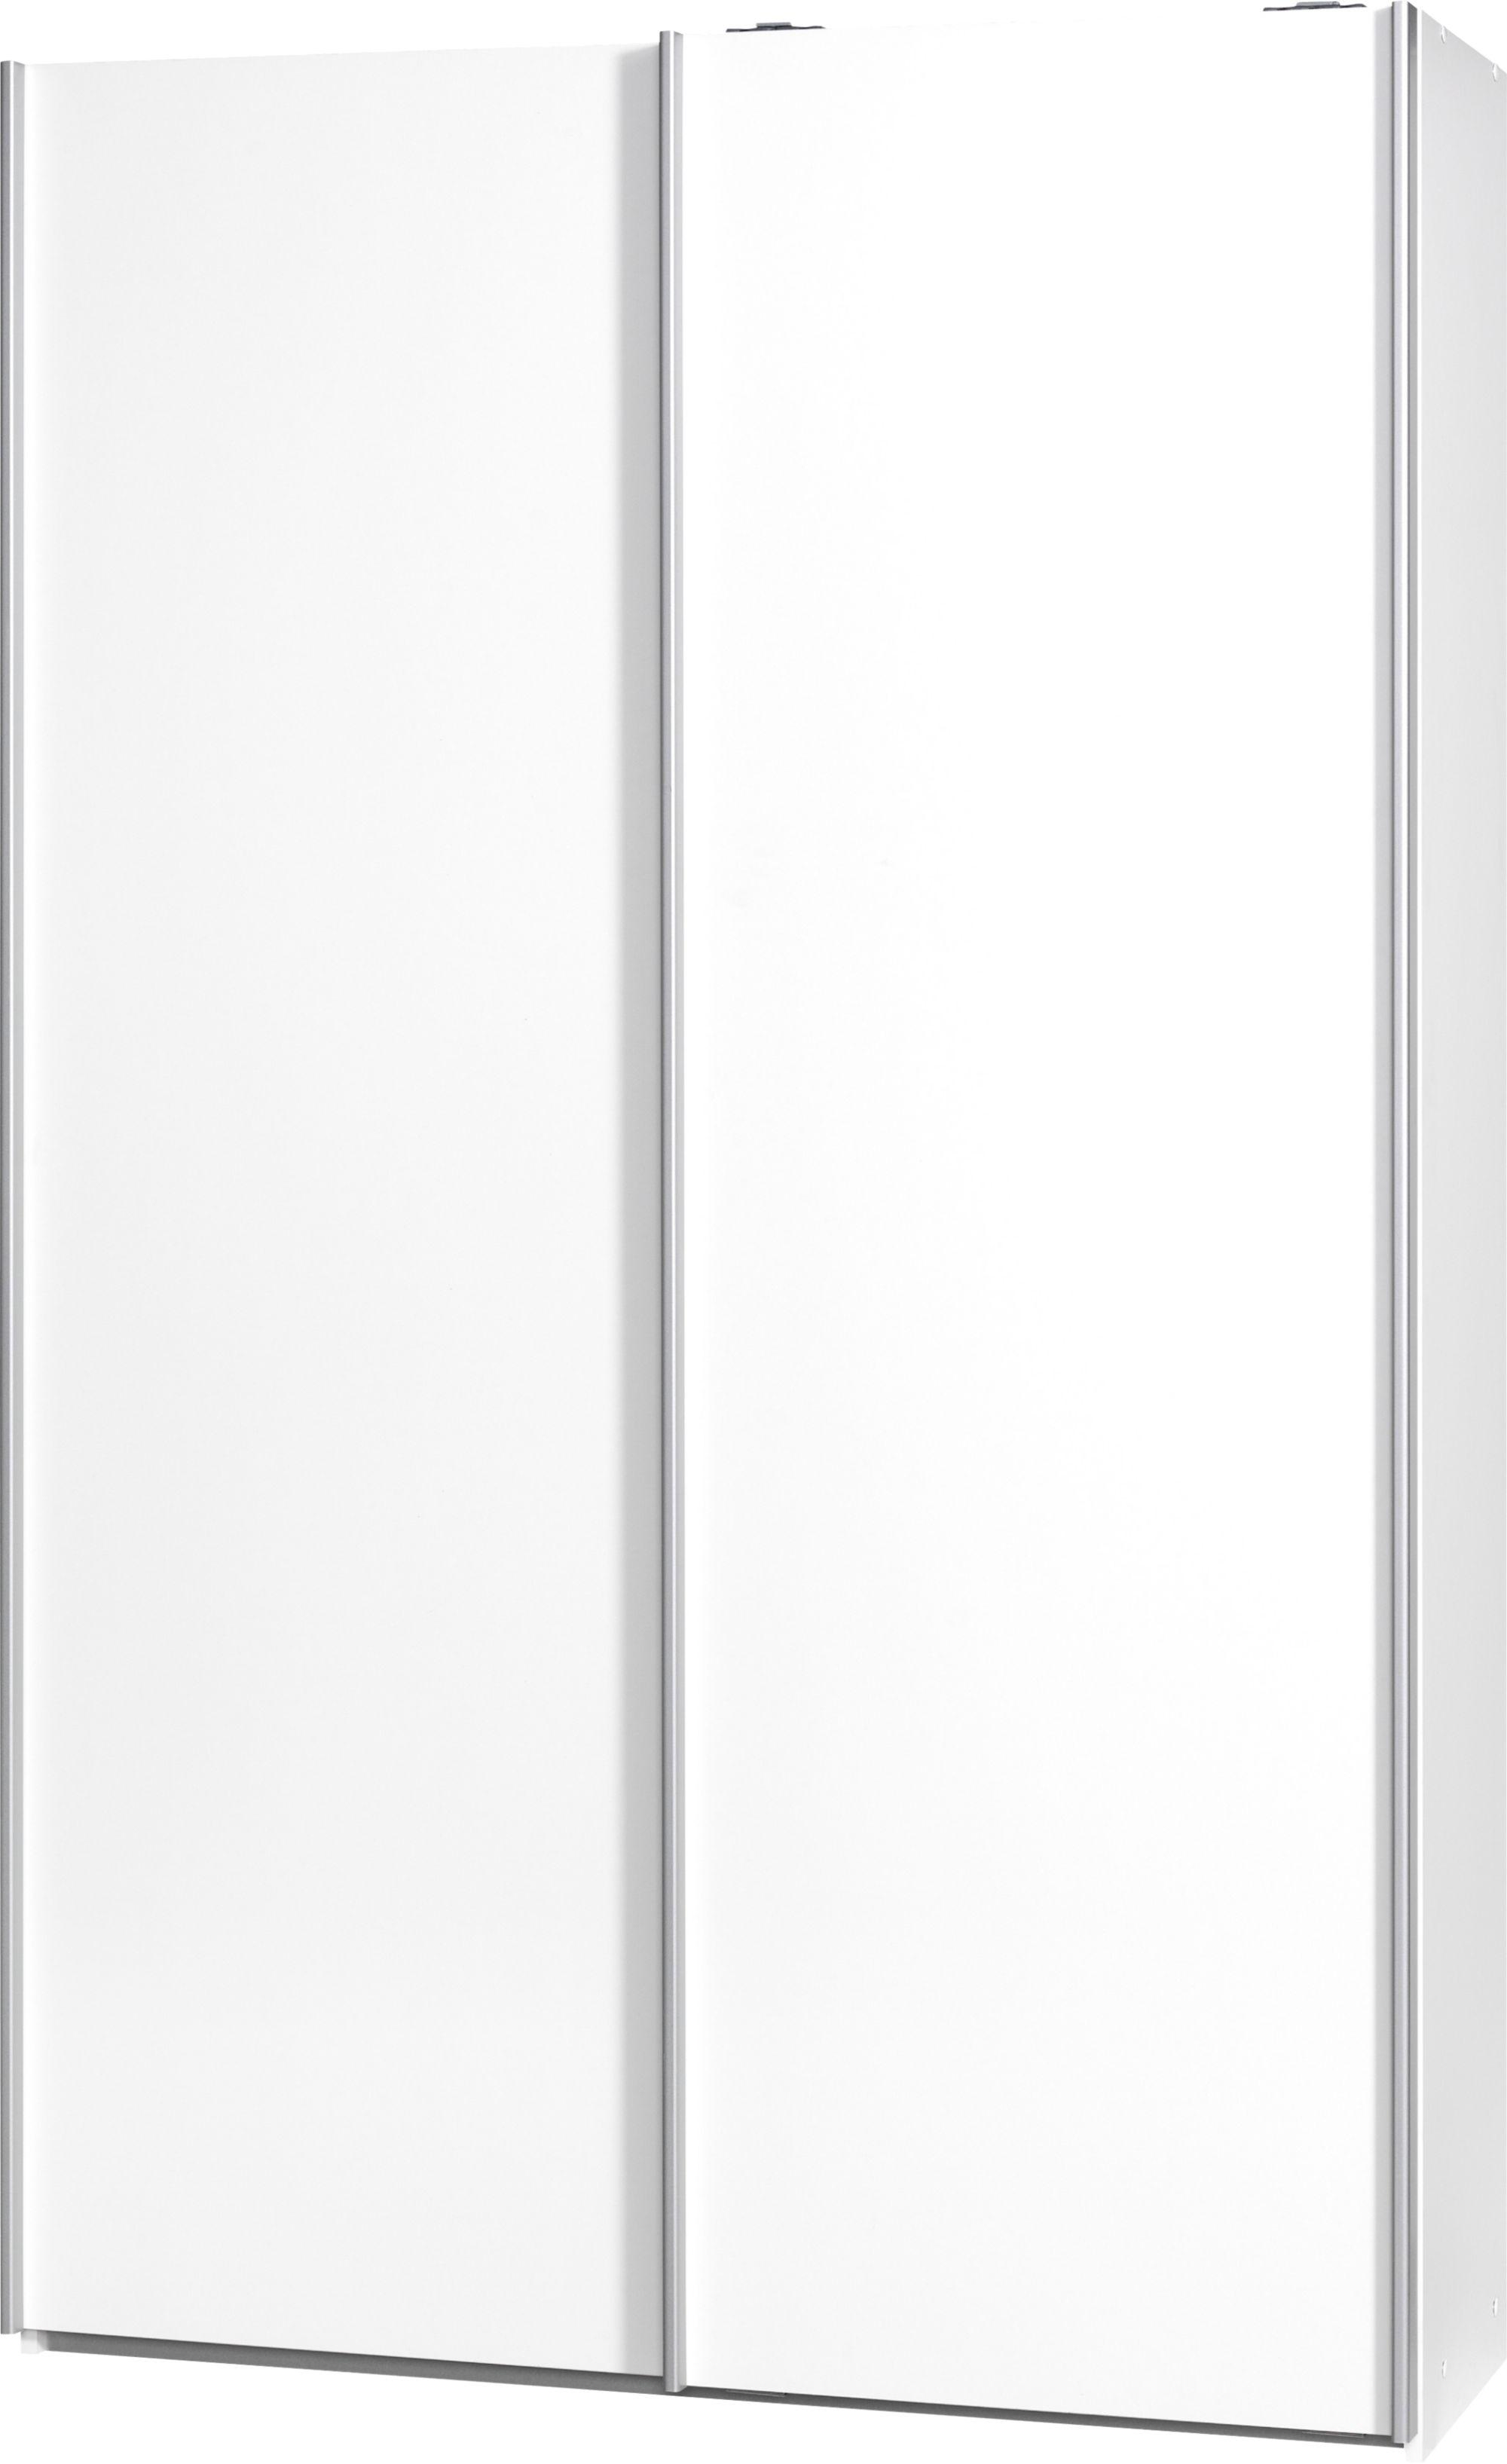 Armoire 2 portes l120 p42 blanc Armoire Chambre Meuble